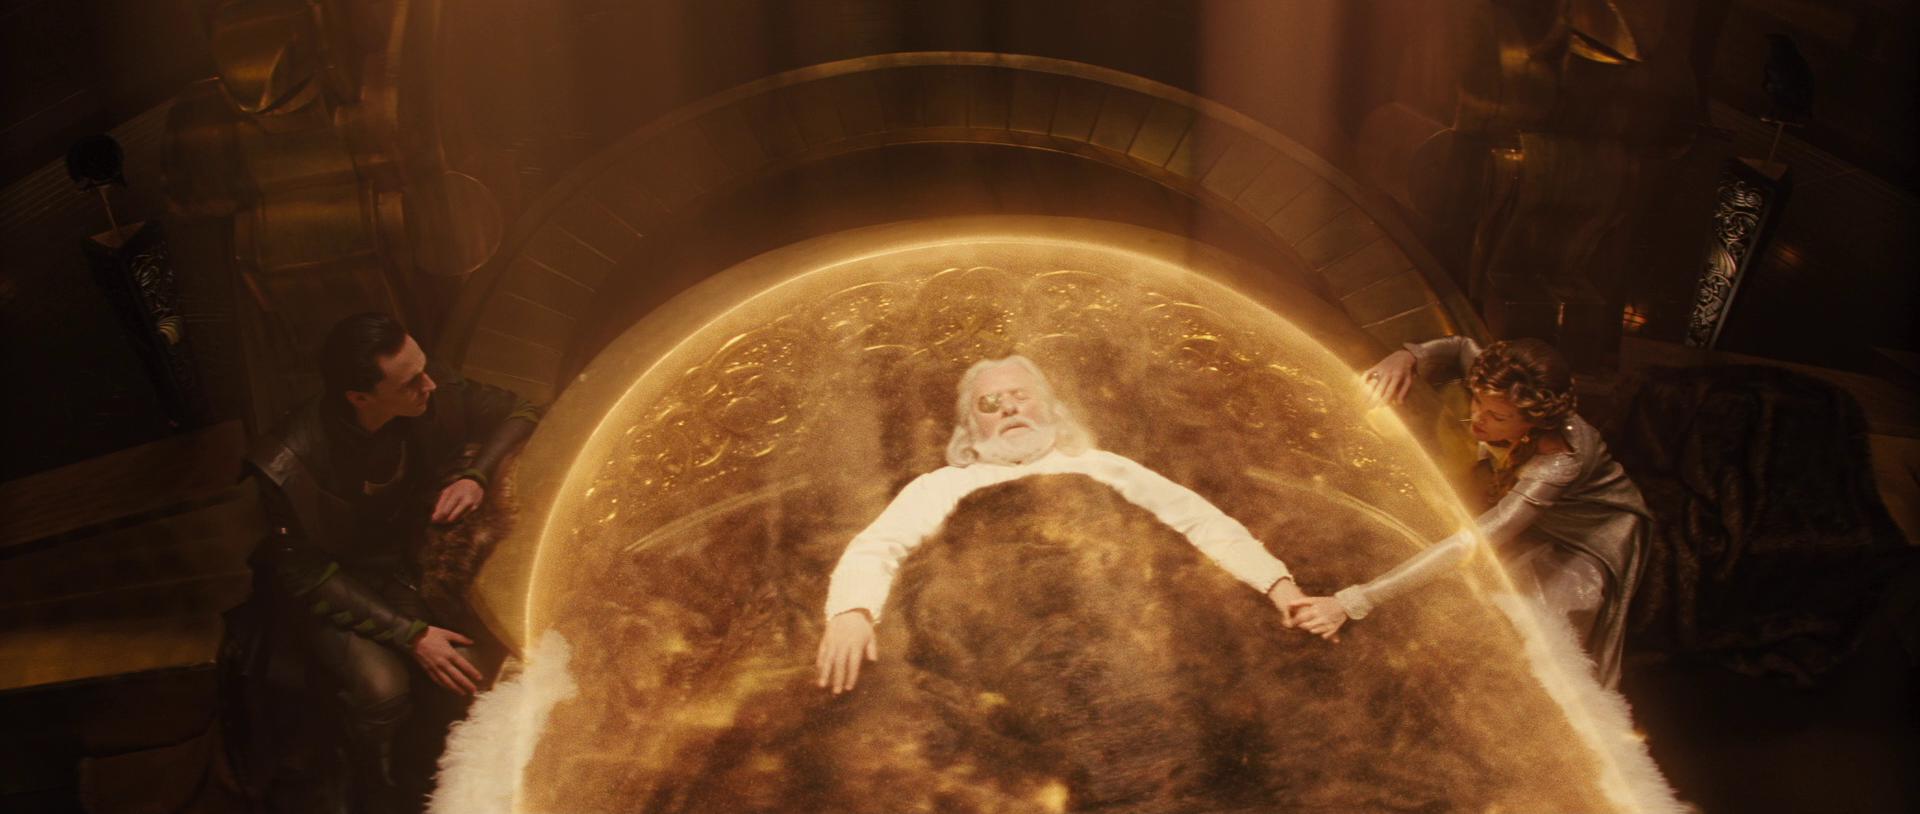 โอดิน Odin จอมเทพสูงสุดแห่งแอสการ์ด